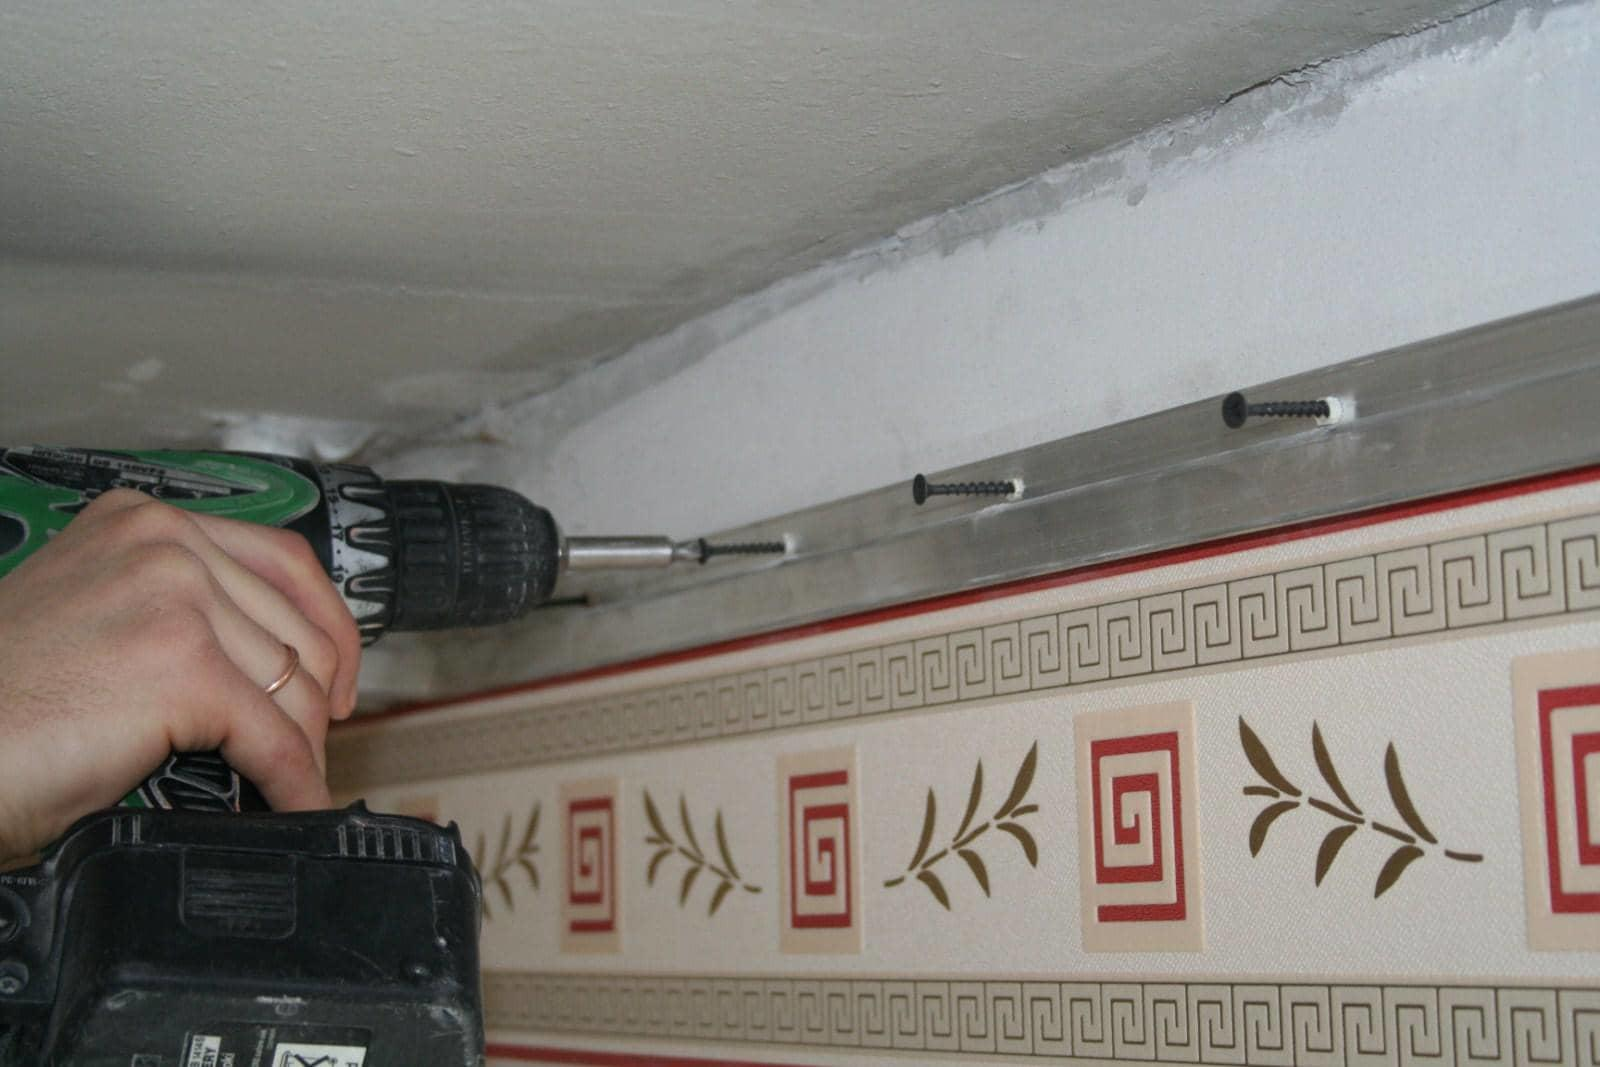 Багеты для парящих потолков сделаны в виде алюминиевого профиля